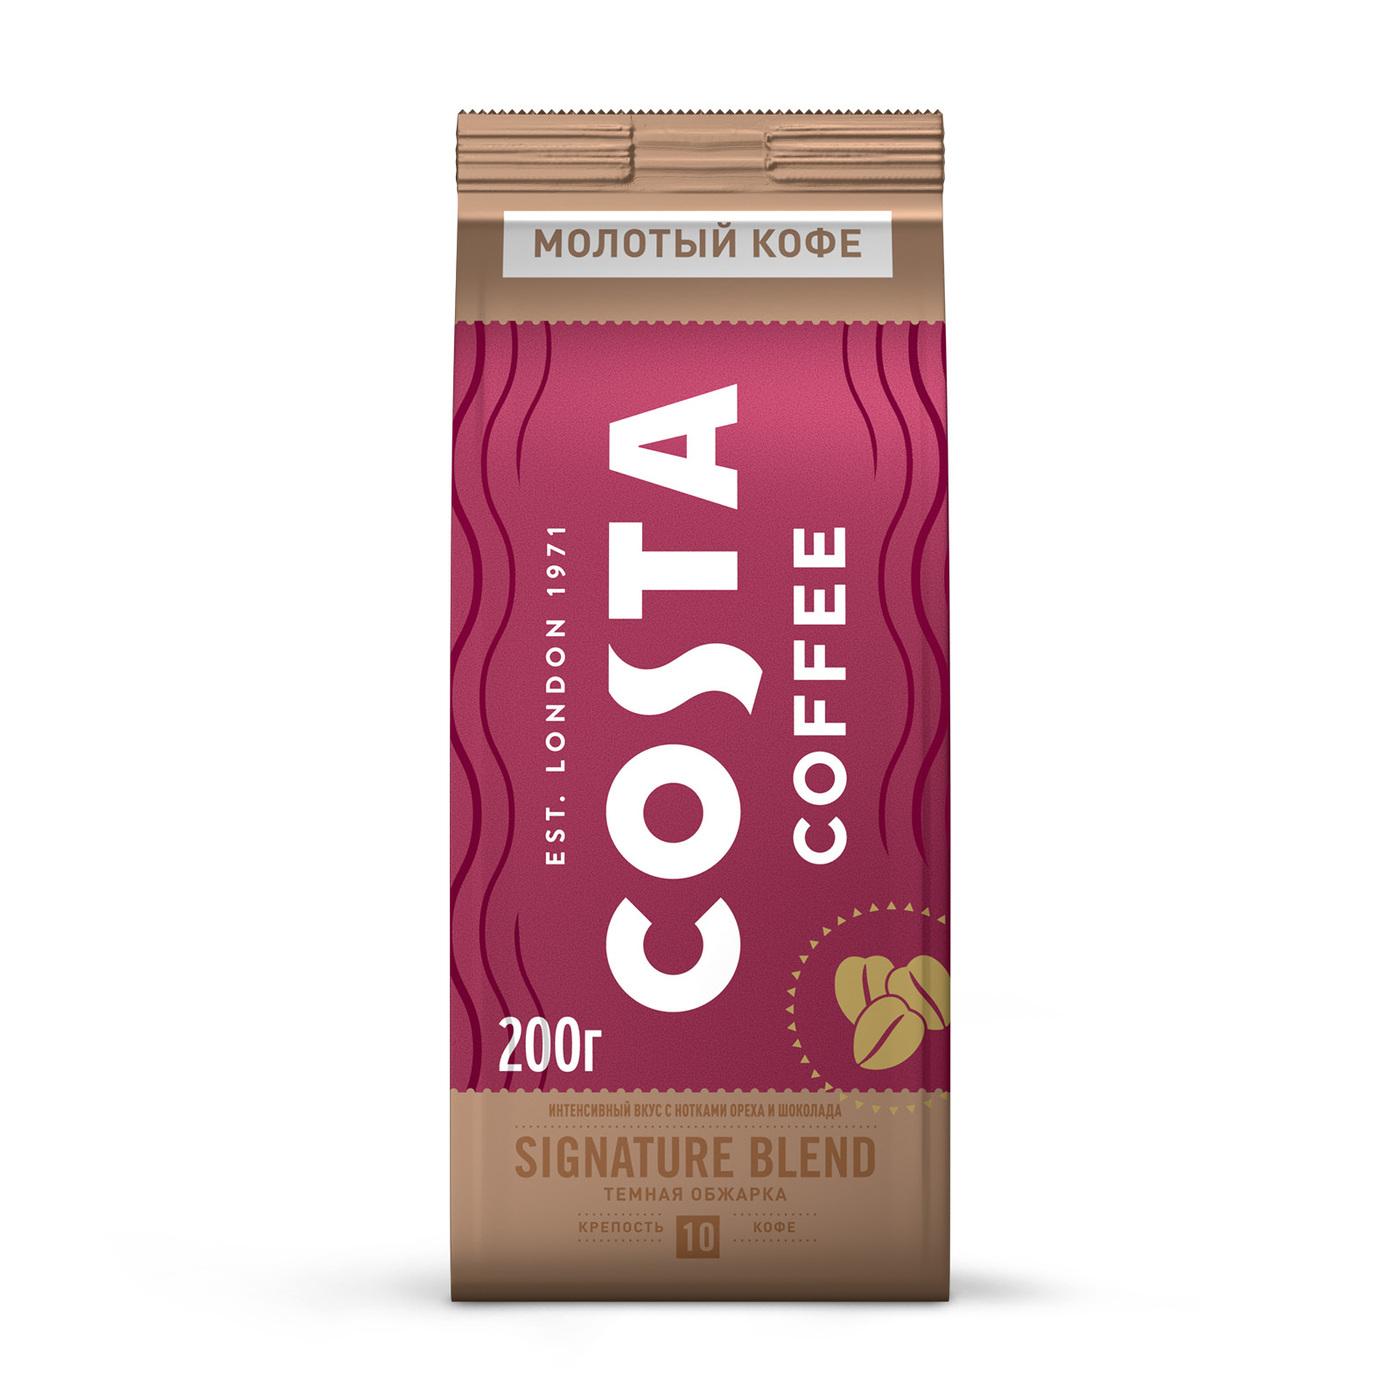 Кофе молотый Costa Coffee Signature Blend